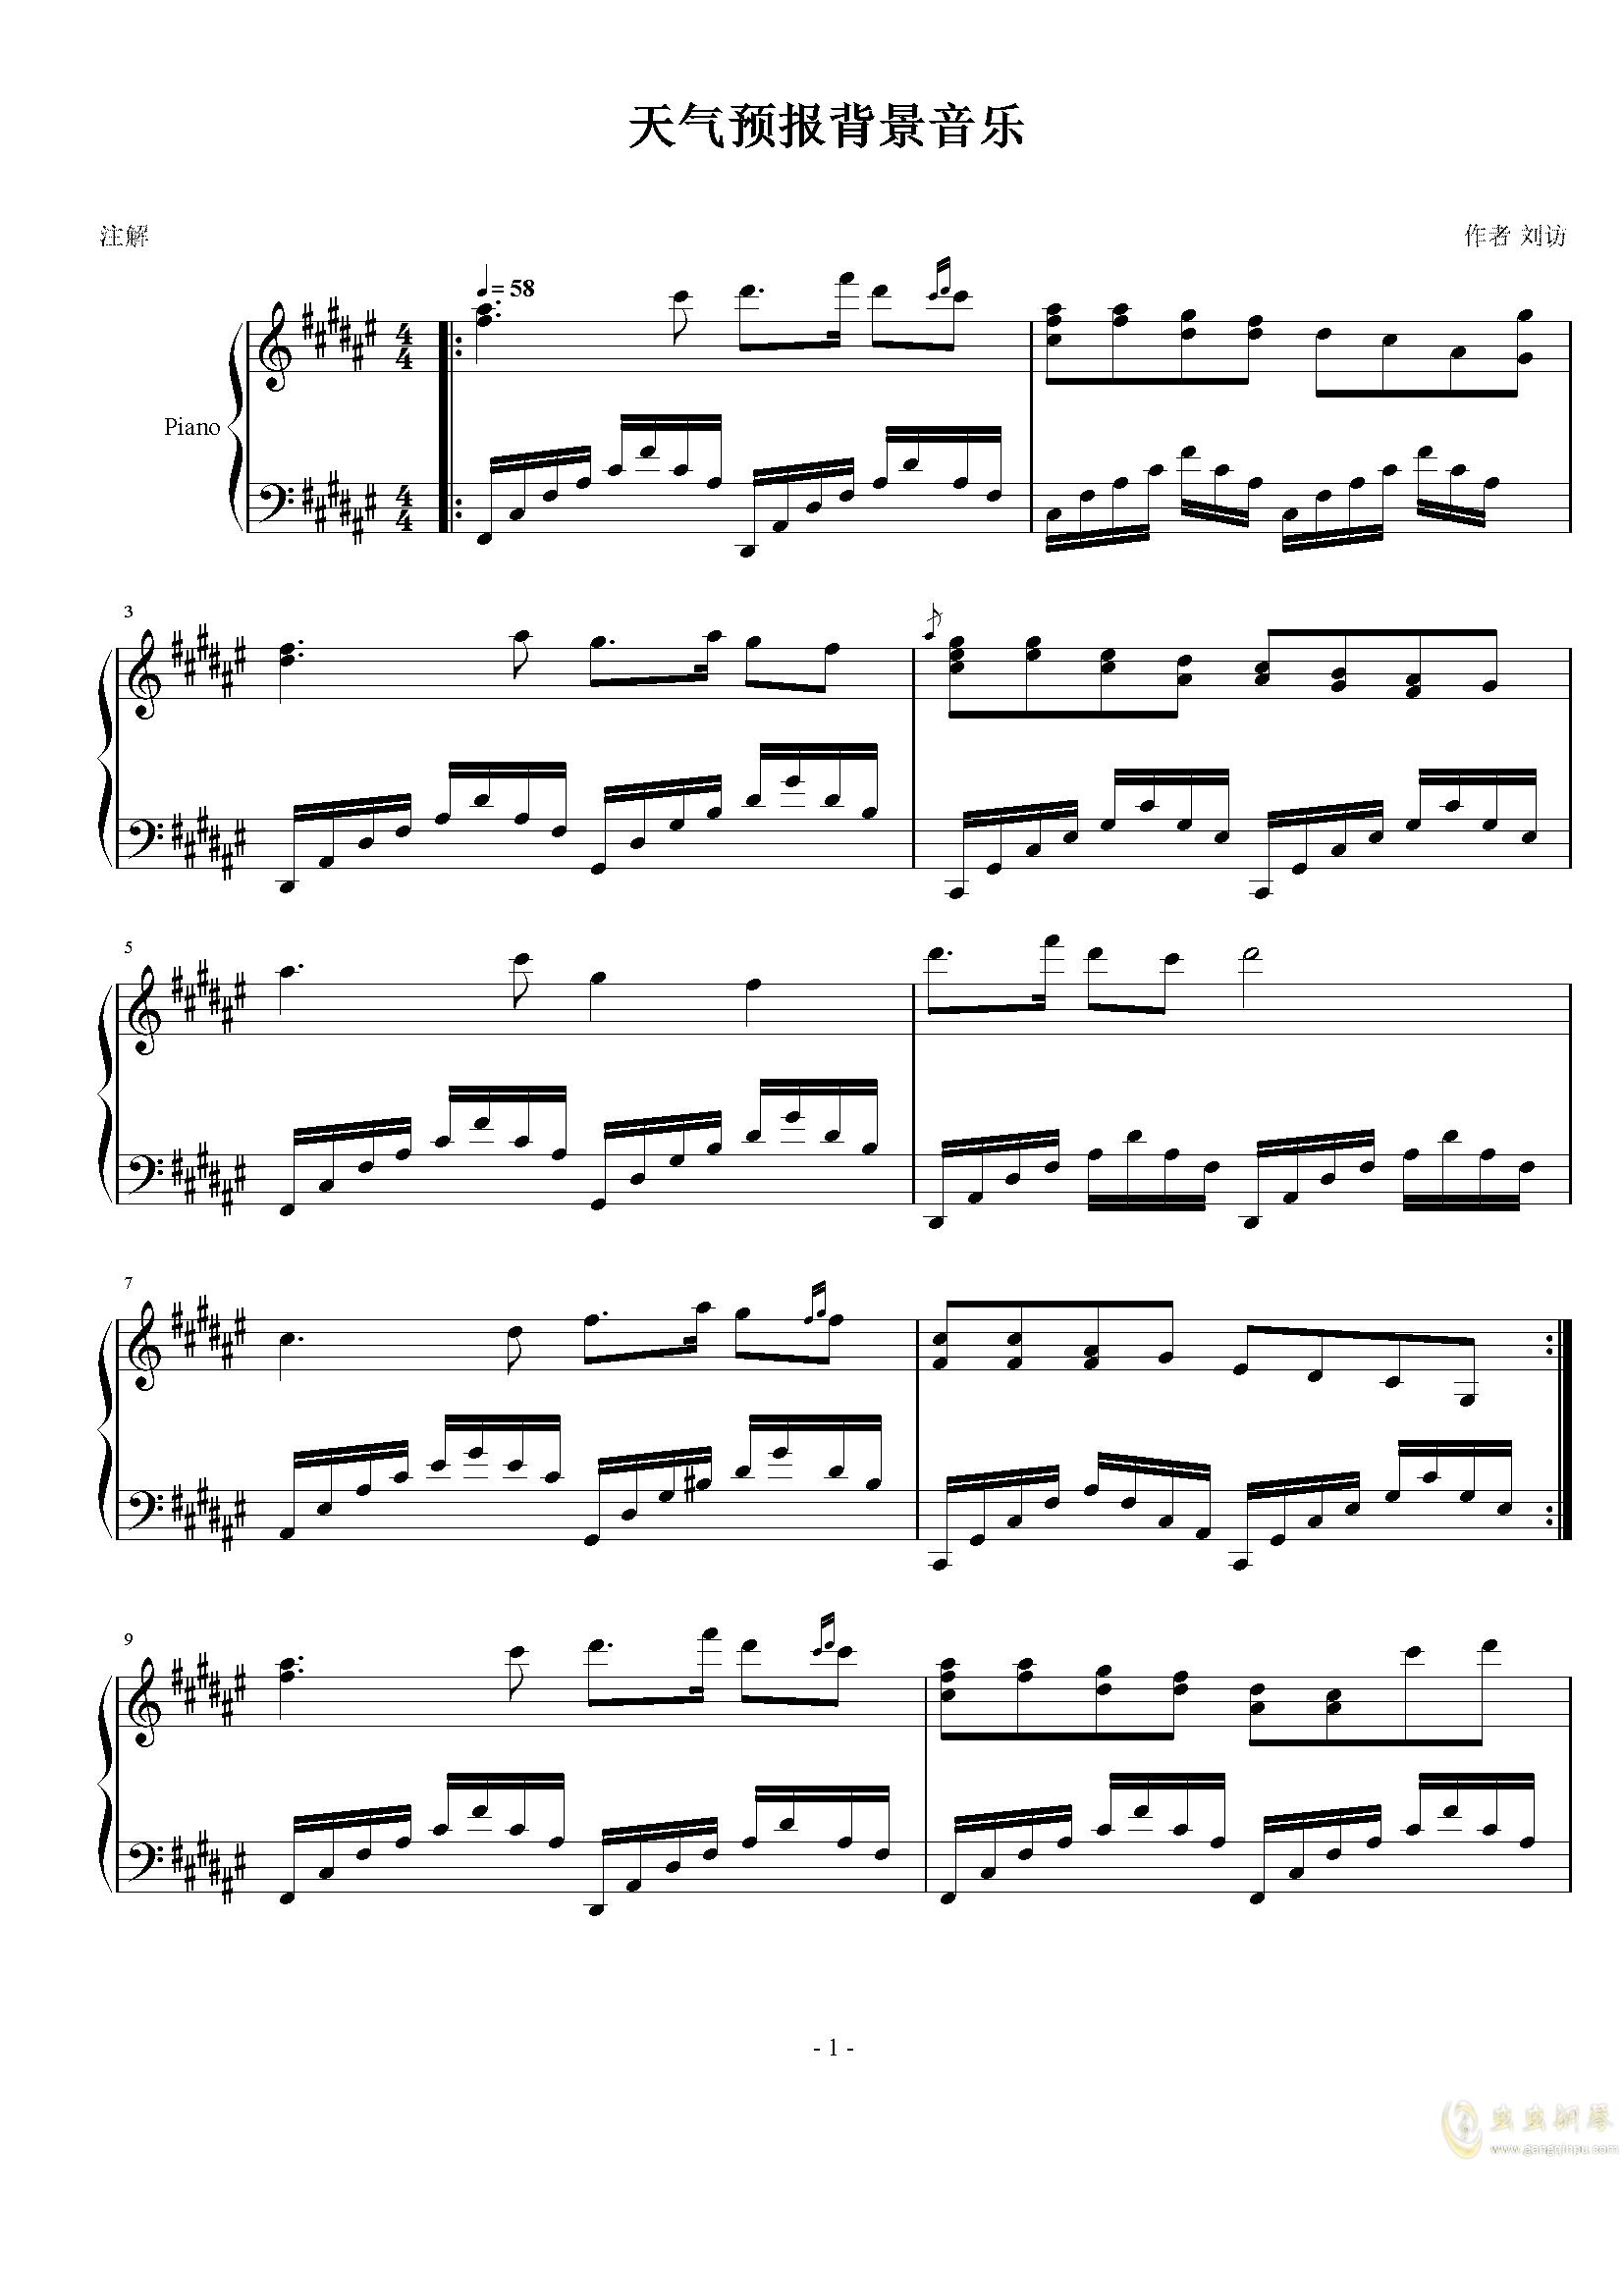 天气预报主题曲钢琴谱 第1页